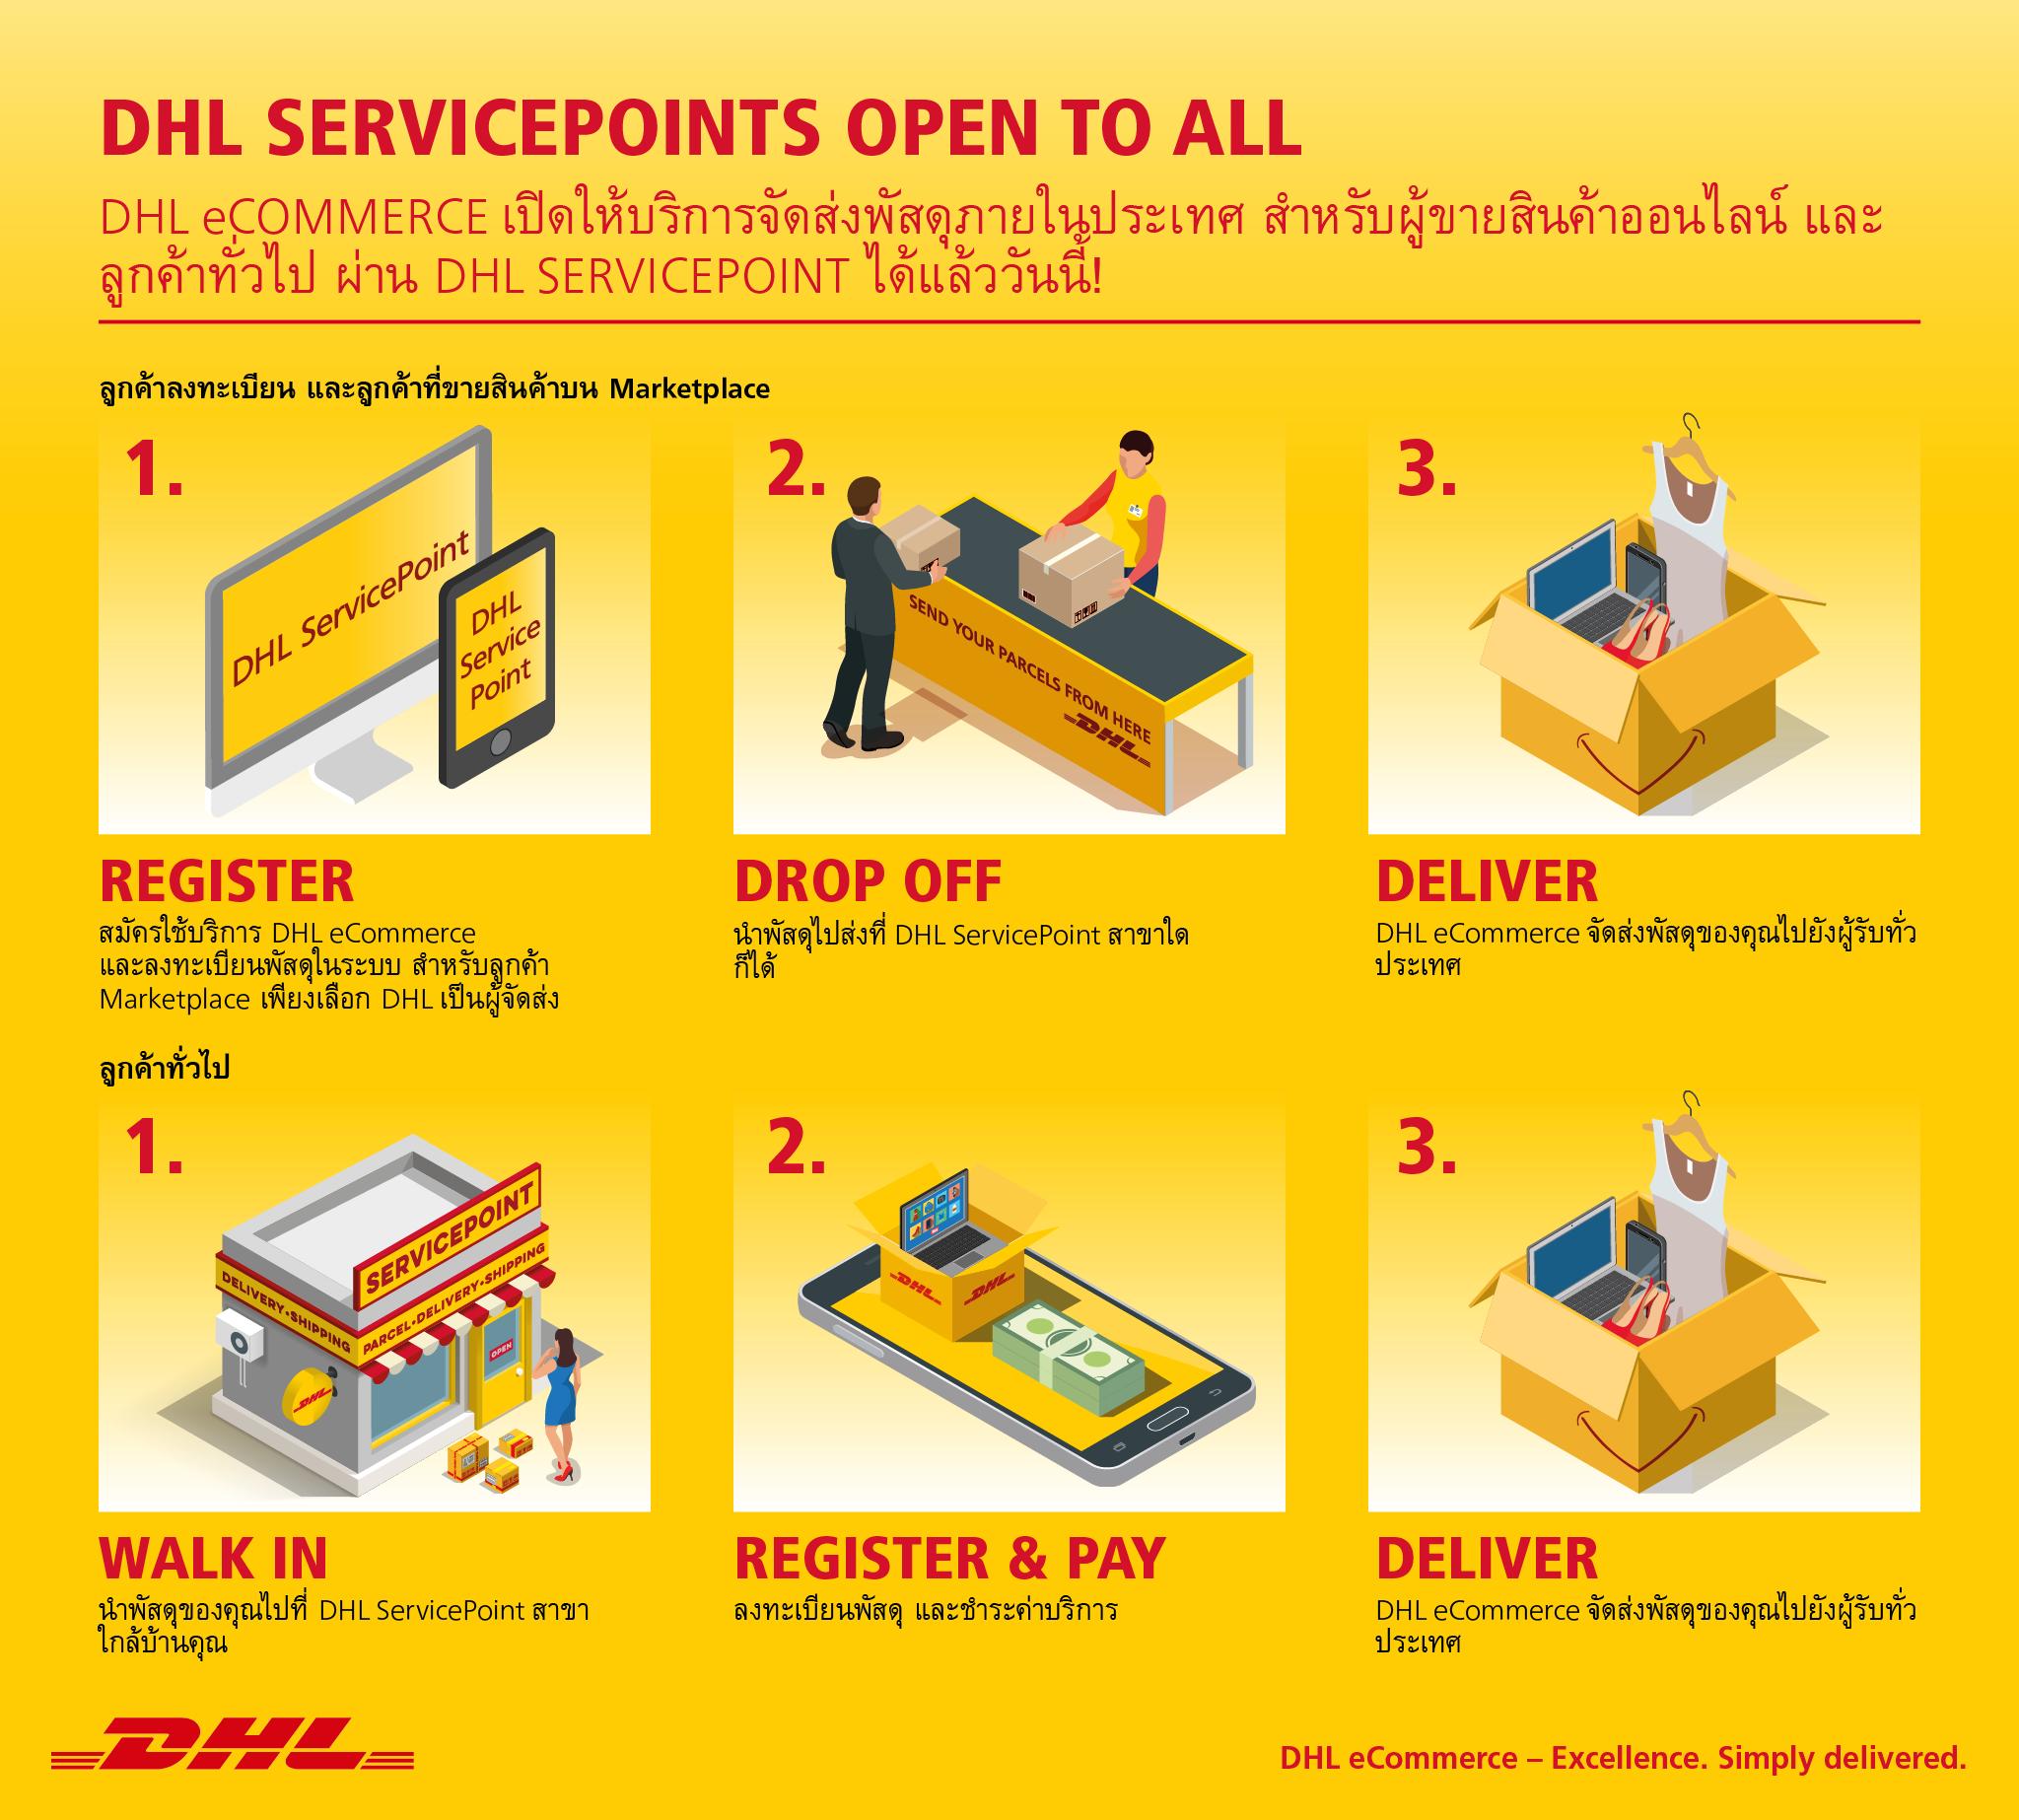 ฝาก ส่งพัสดุด่วน ที่ซีเอ็ดด้วยบริการ DHL Service Point